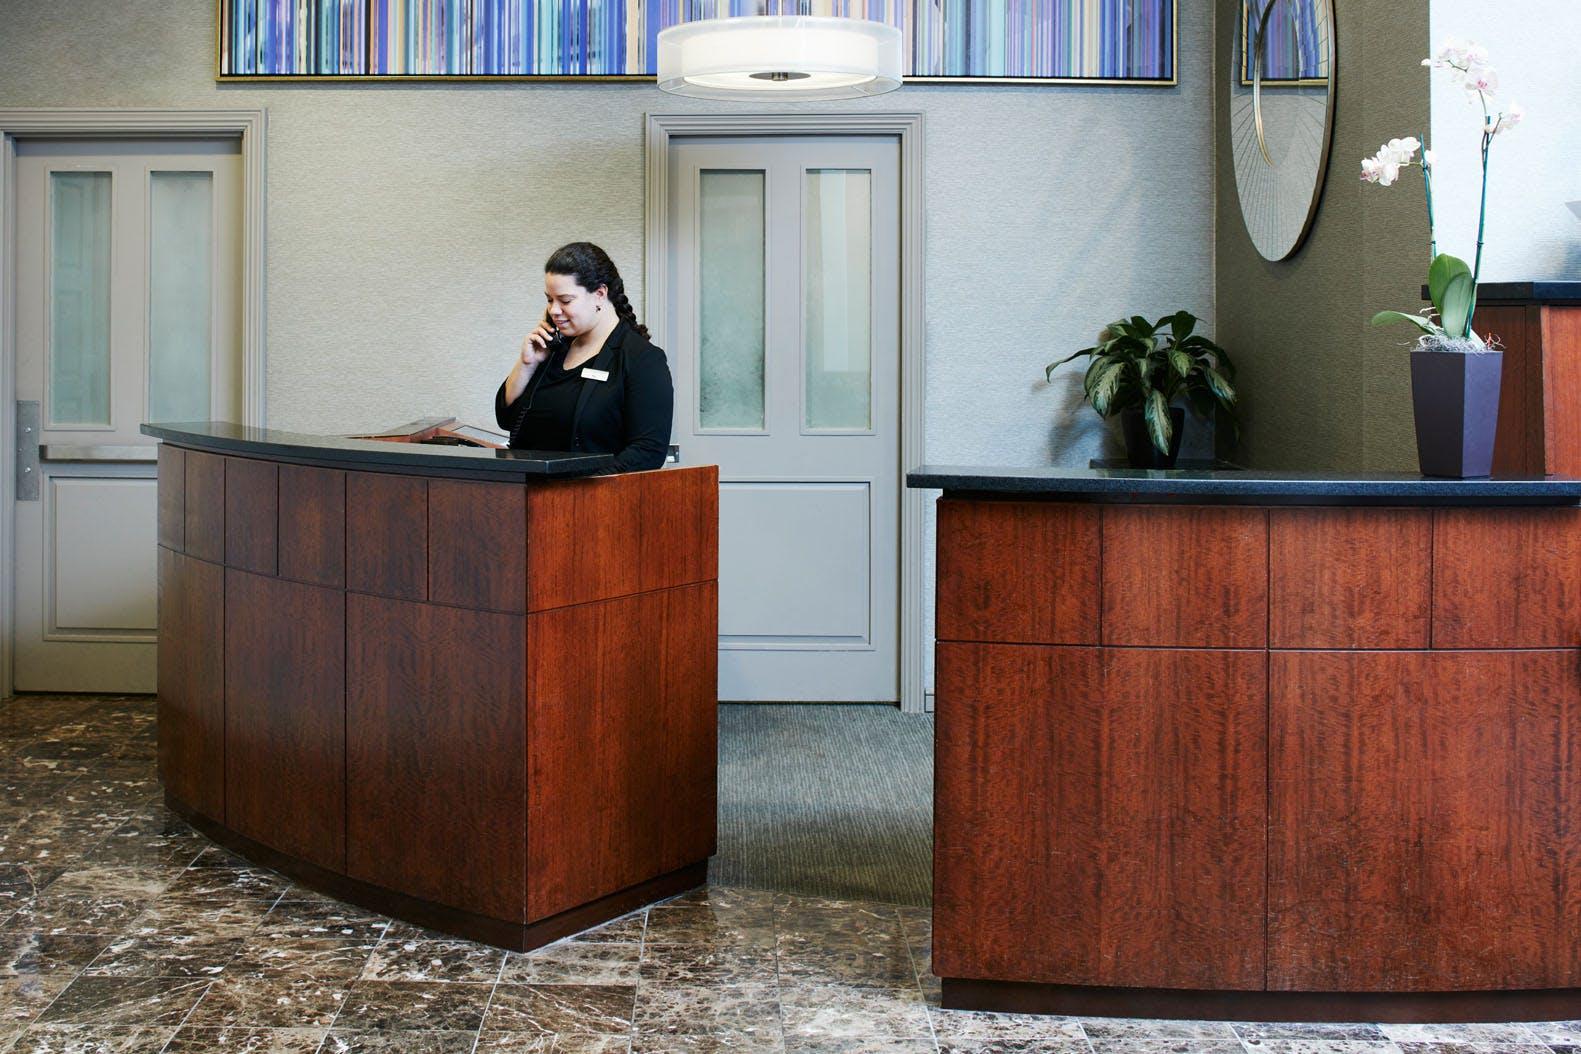 Member Service Desk at Club Quarters Hotel in Philadelphia